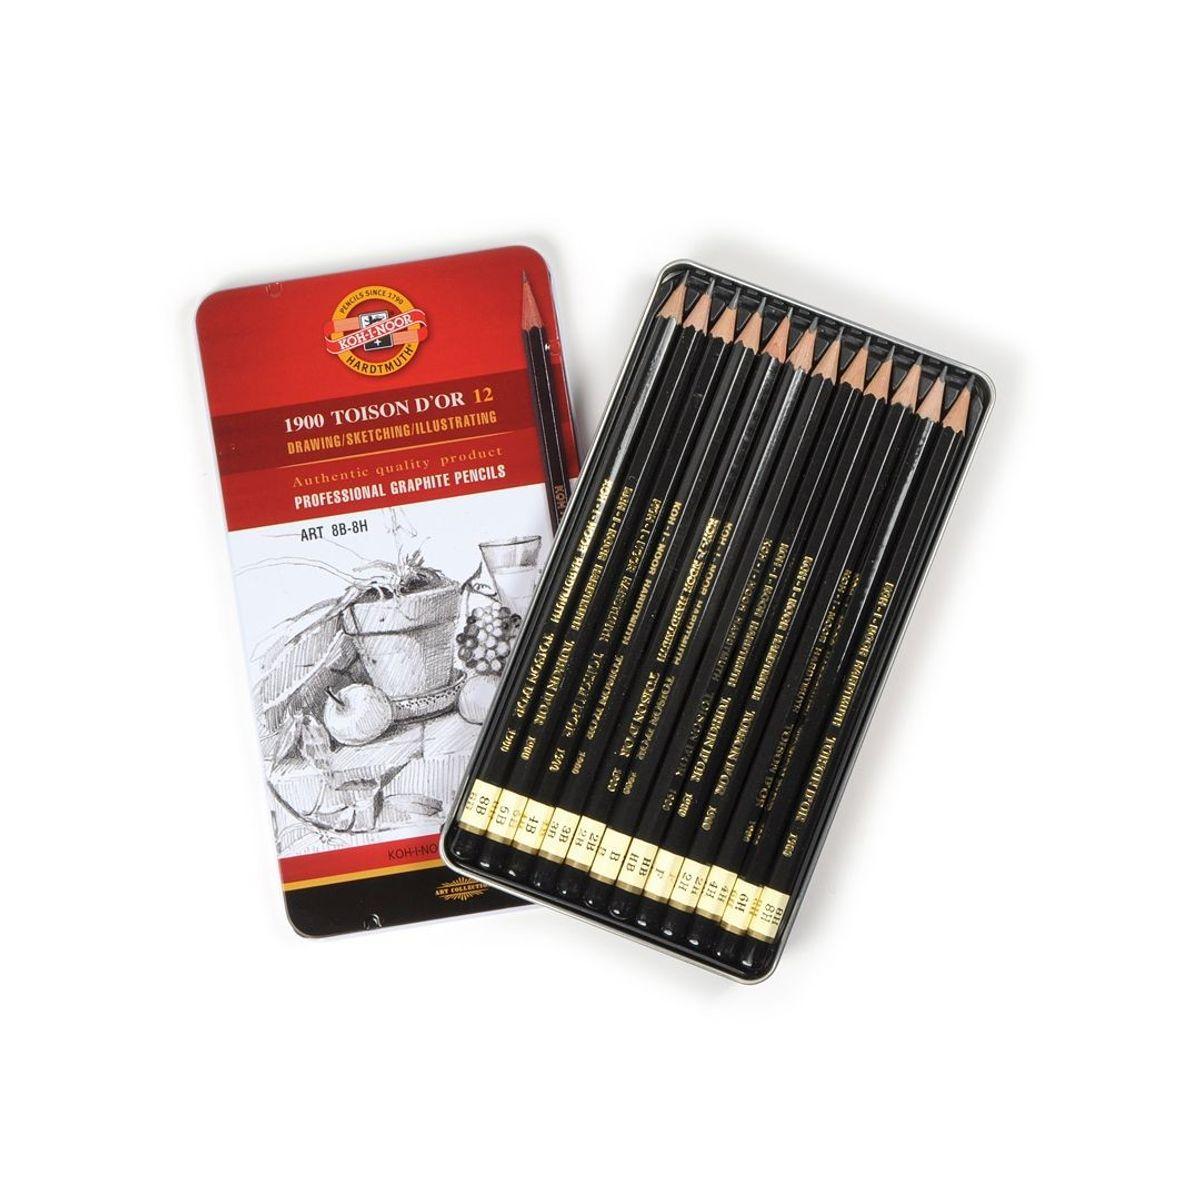 1900 Koh-i-Noor Toison D'or 12, ART 8B-8H profesionaalsed joonistamiseks harilikud pliiatsid, 12 tk